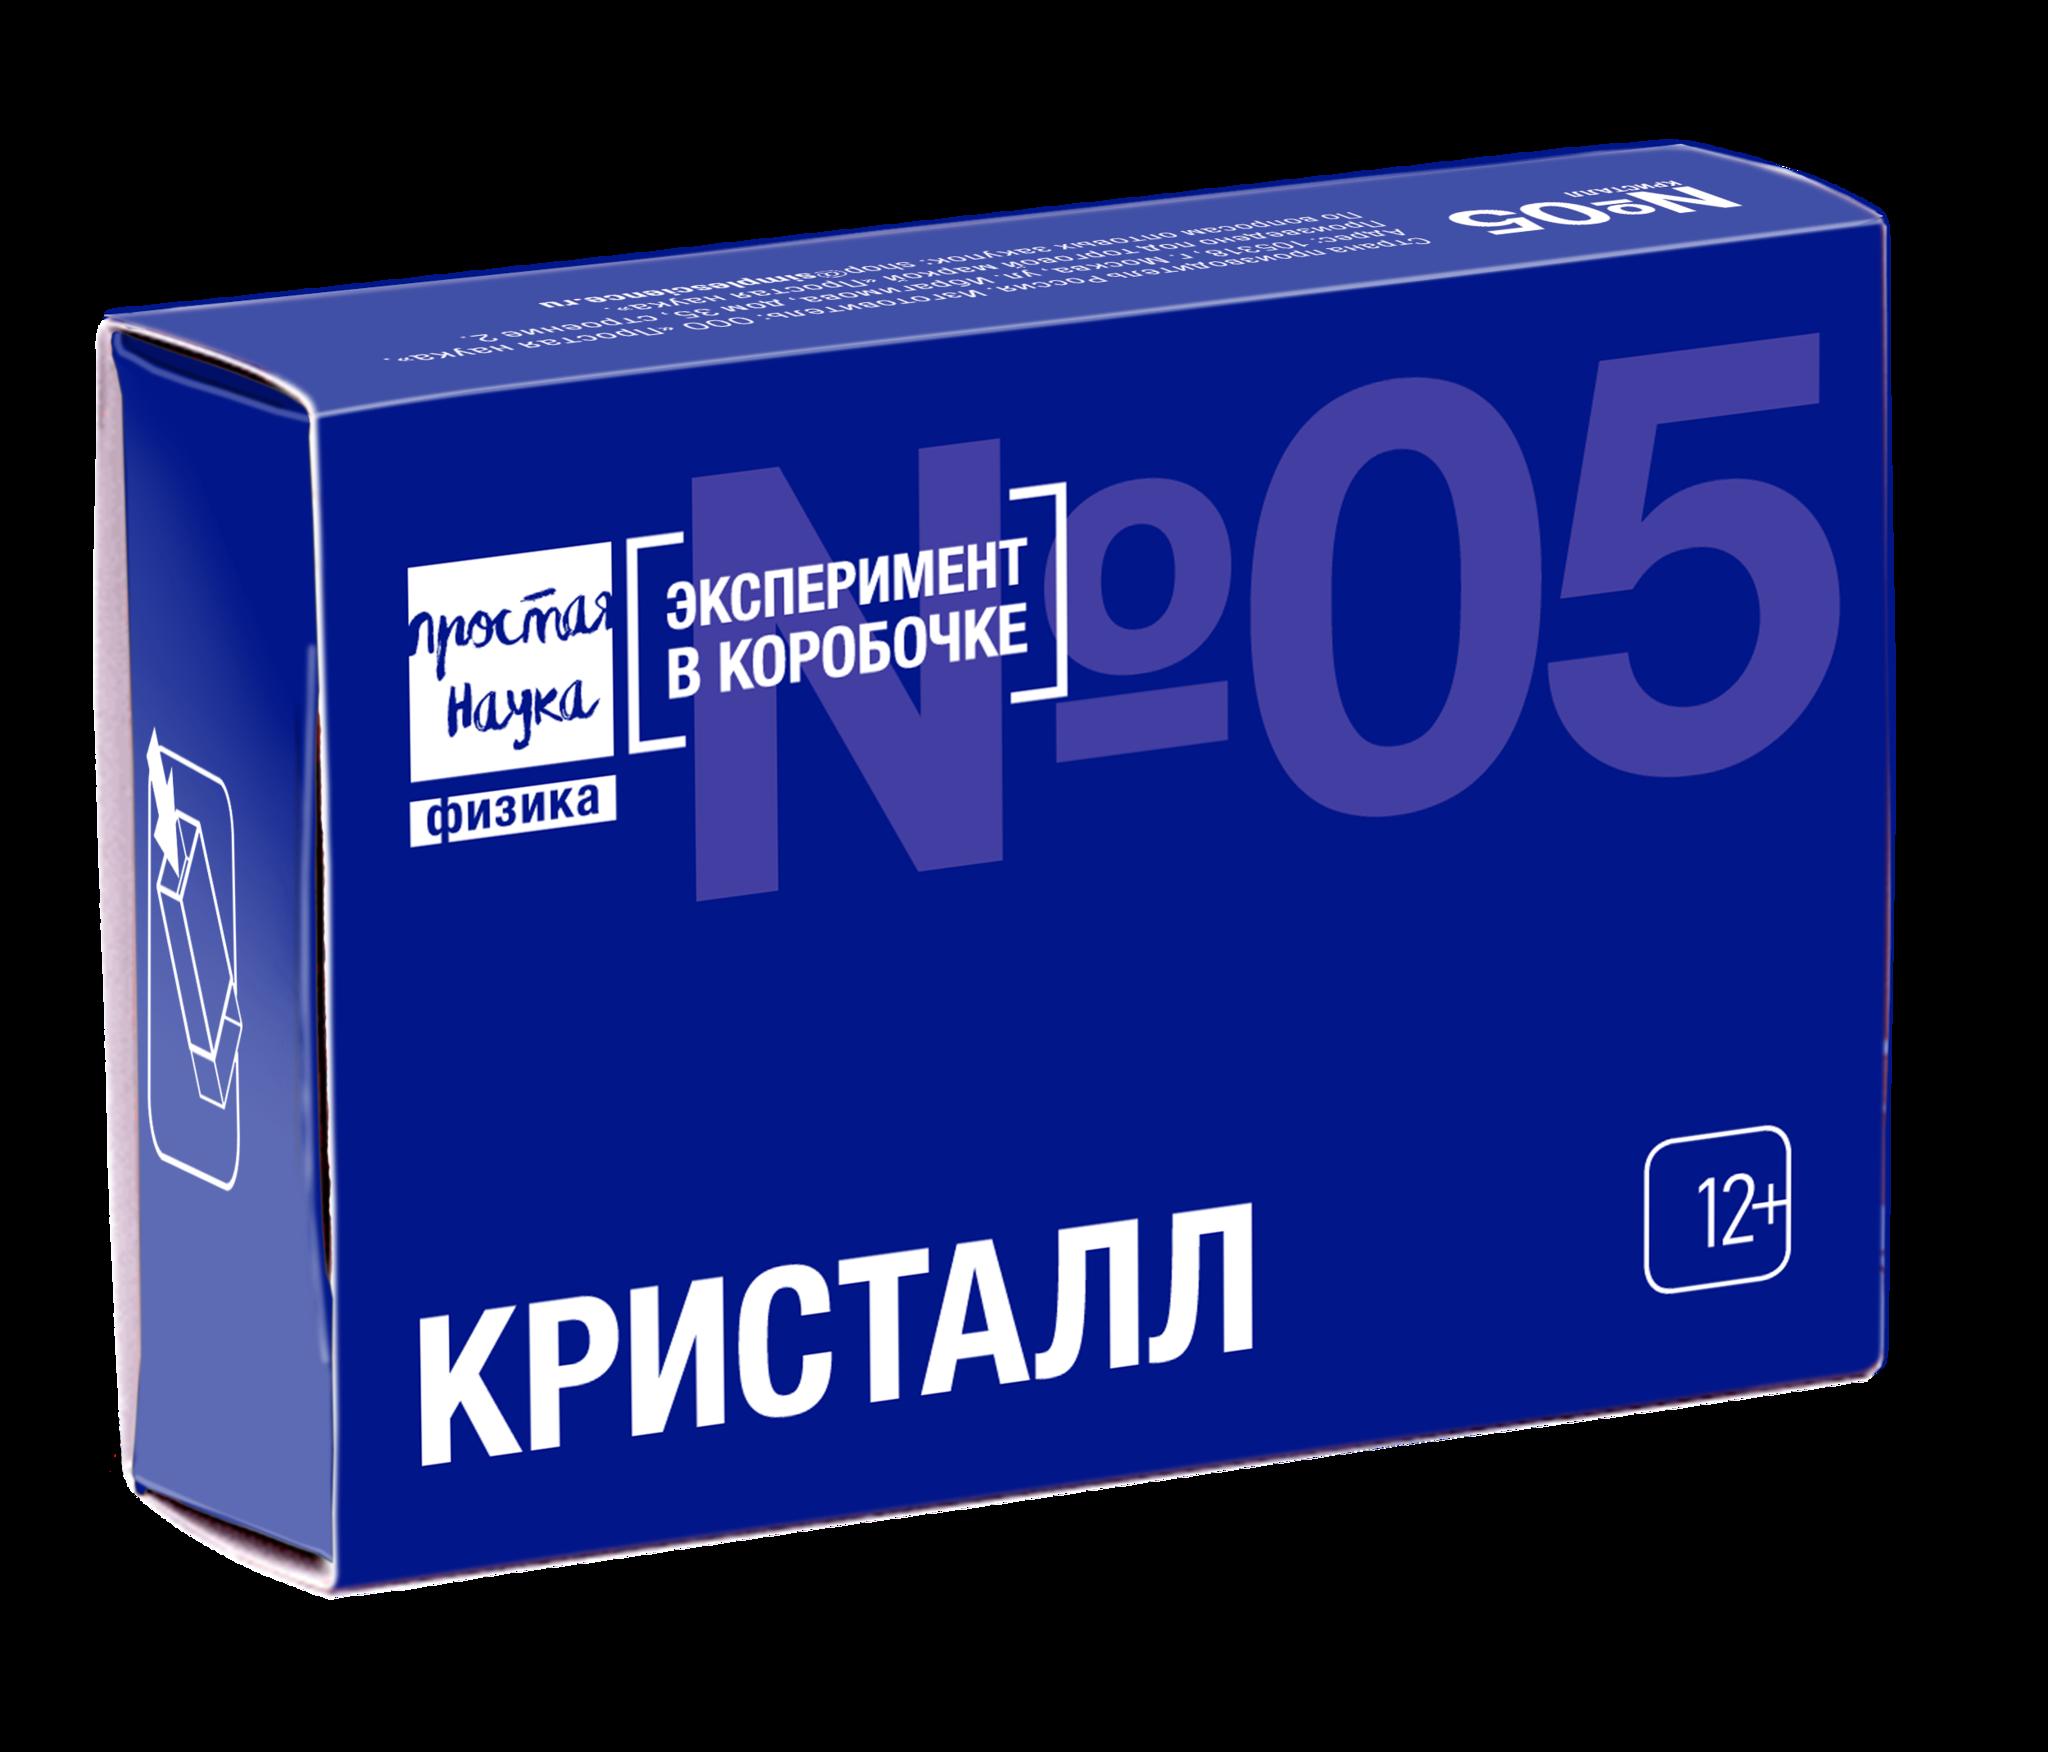 Набор №05 - Кристалл - Эксперимент в коробочке - Простая Наука